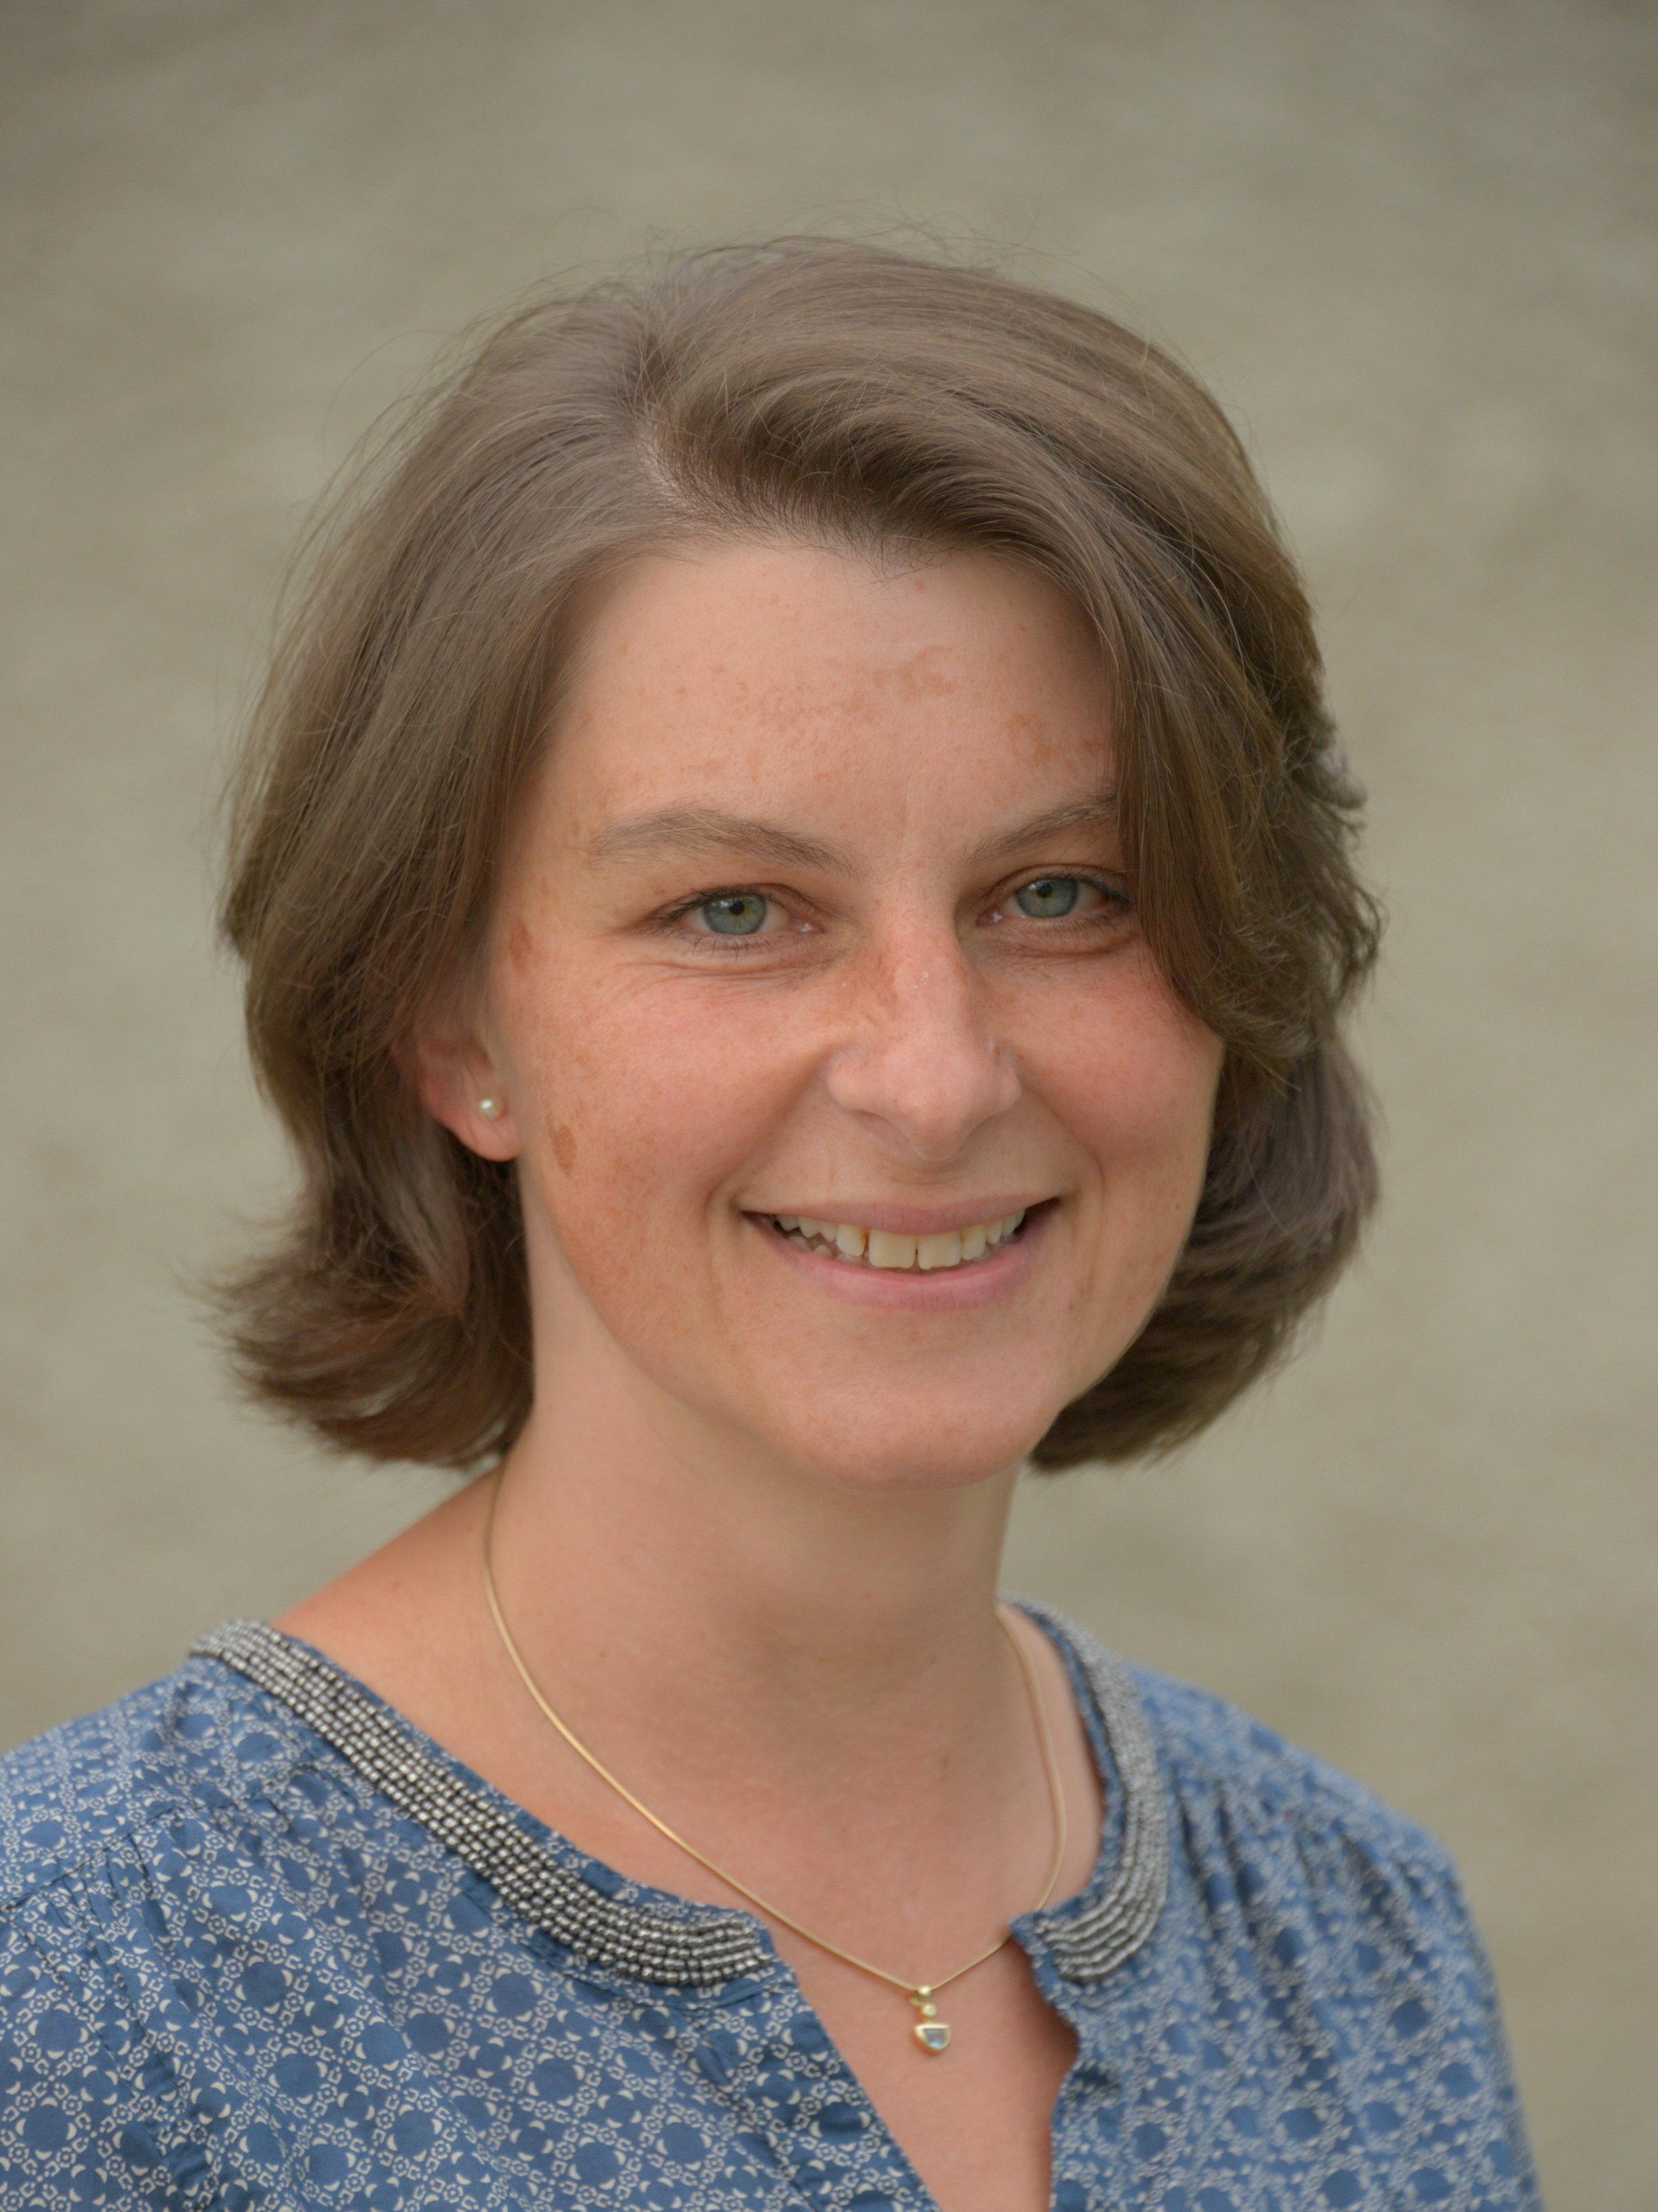 Claudia Kronberger